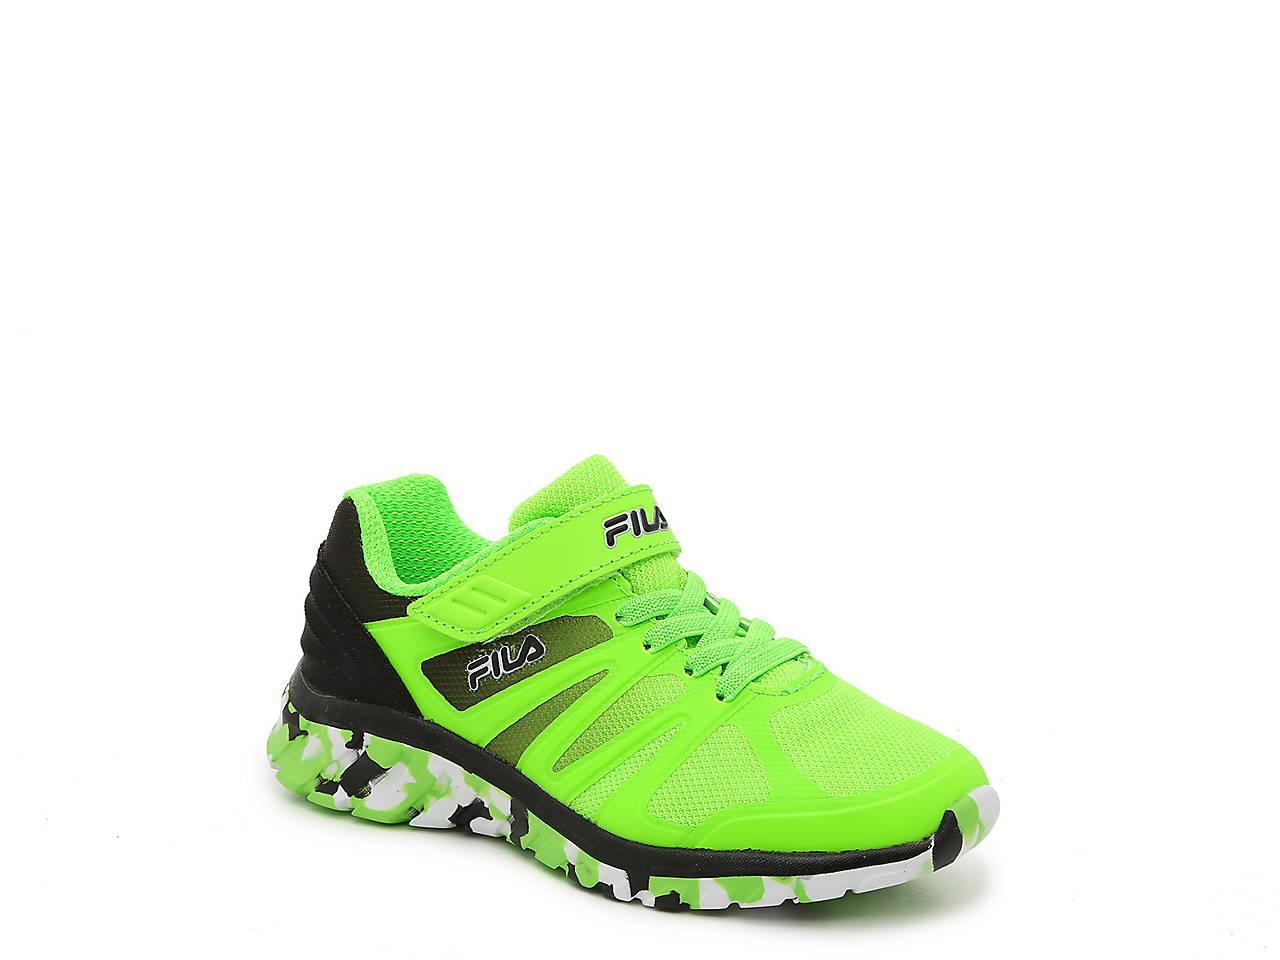 Fila Cryptonic 3 Sneaker Kids' Kids Shoes DSW  DSW